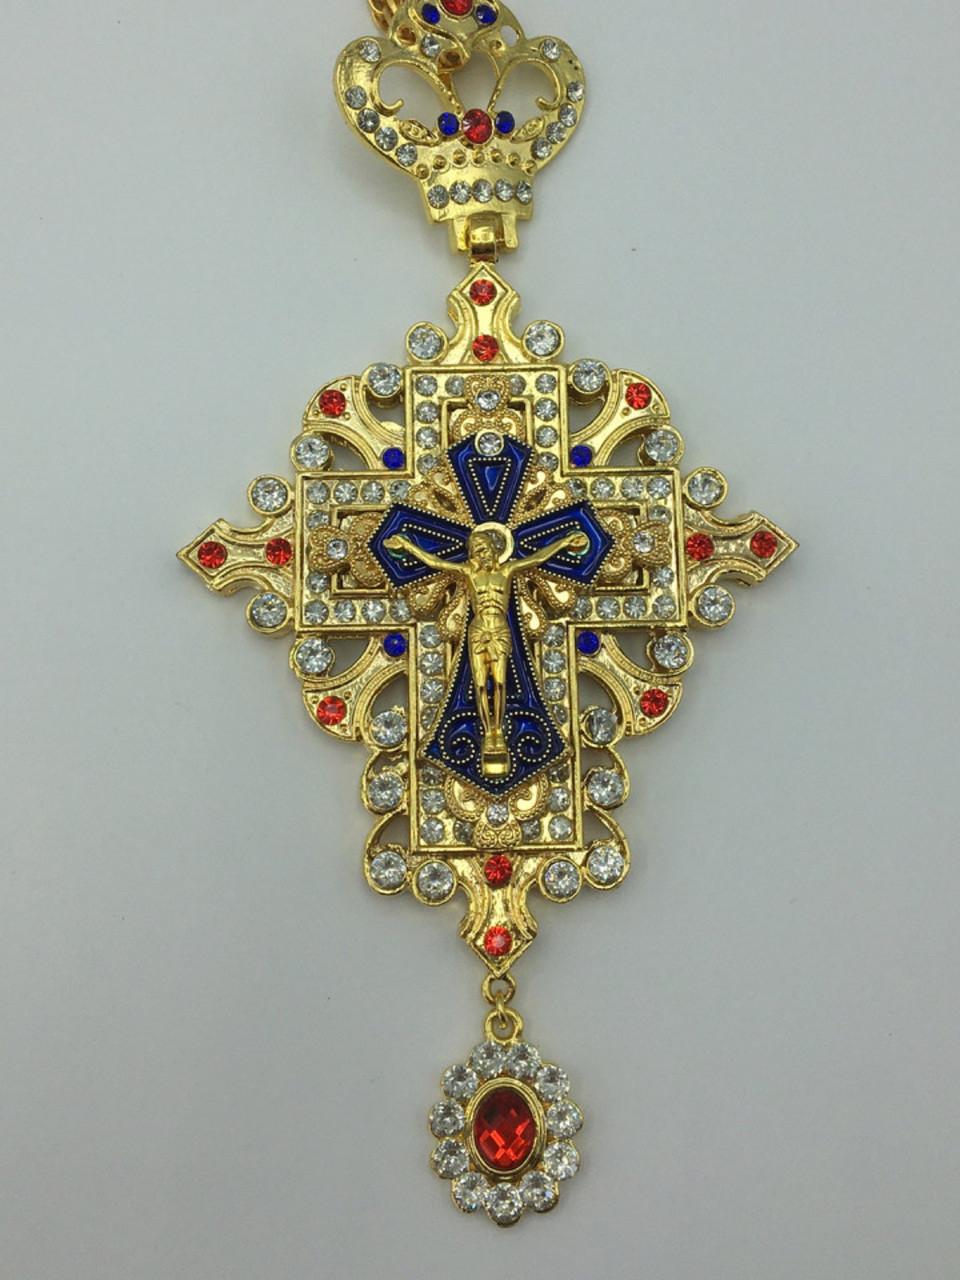 Наперсный крест  обрамленный камнями